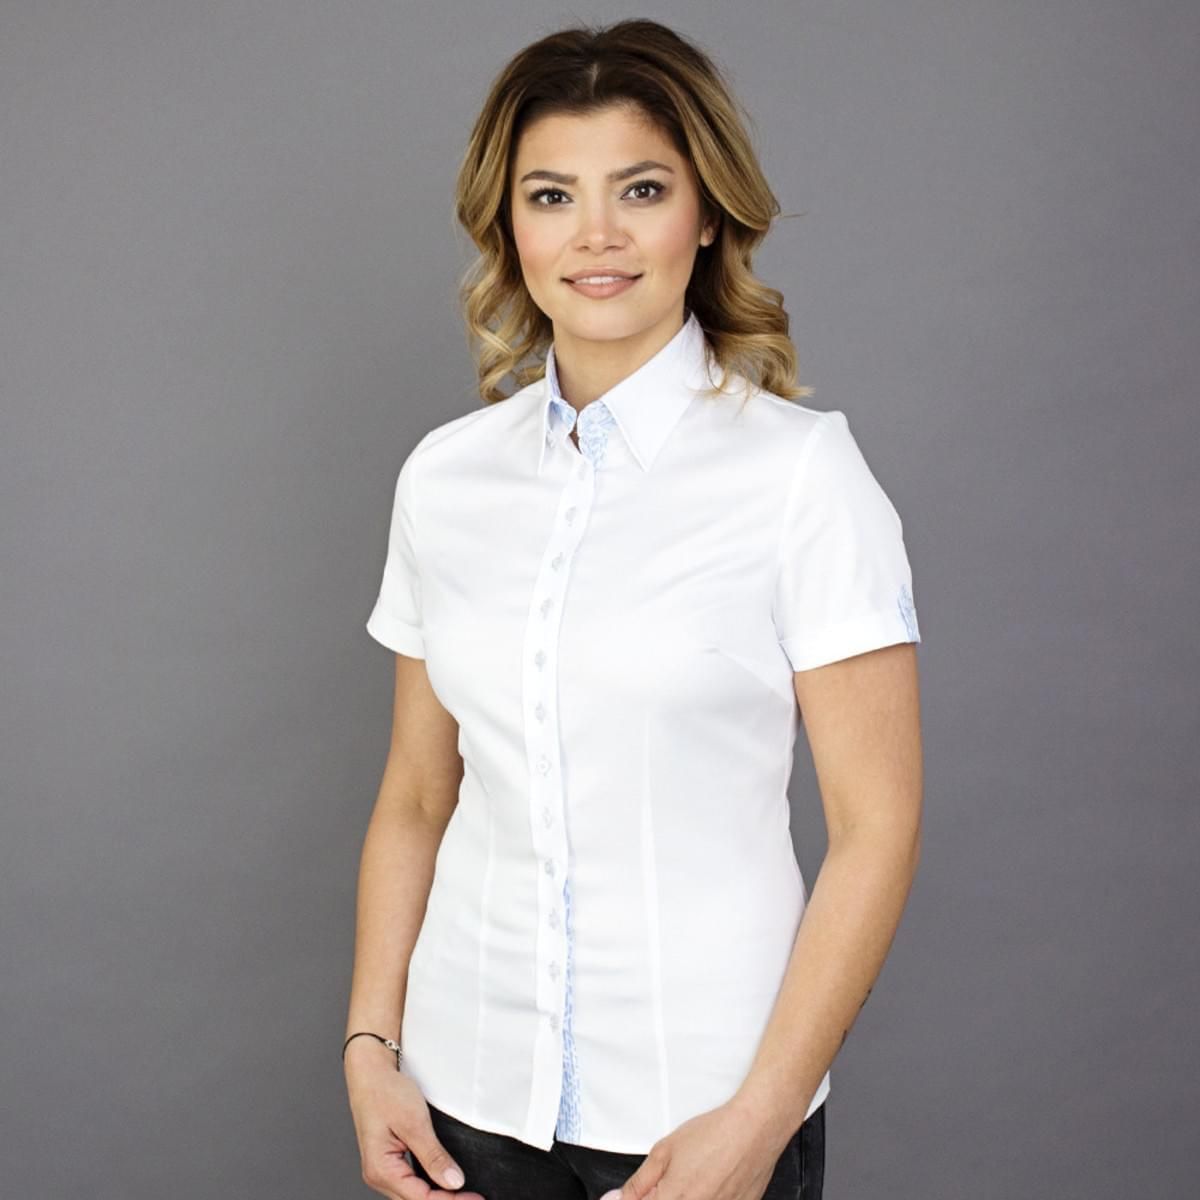 Dámská košile s krátkým rukávem Willsoor 7807 v bílé barvě 34